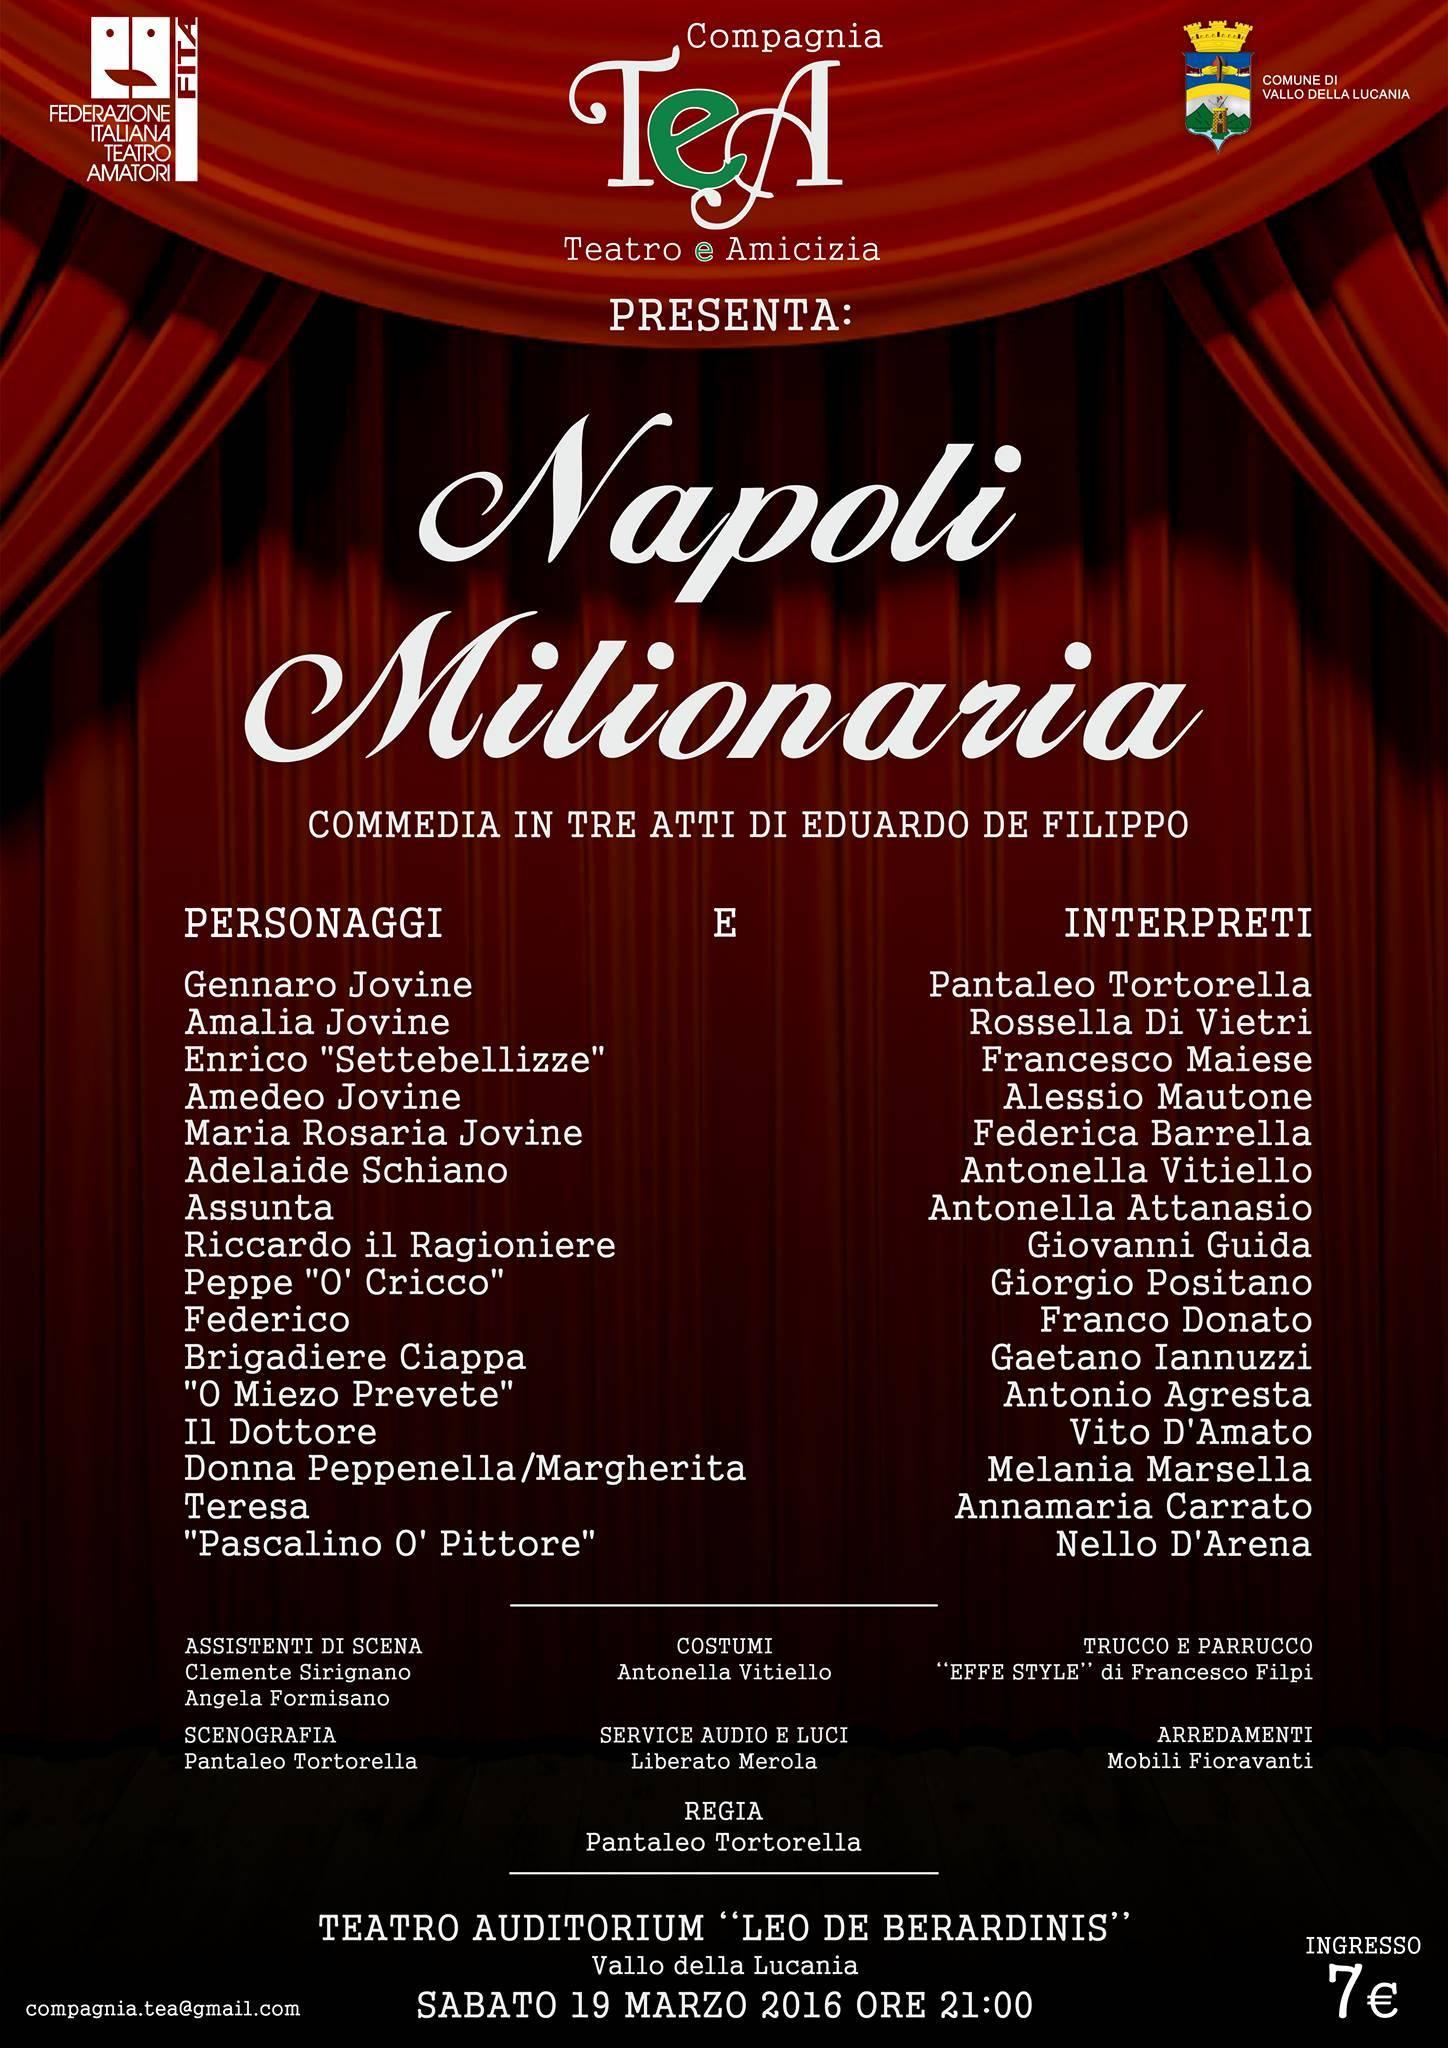 napolimilionaria_vallo